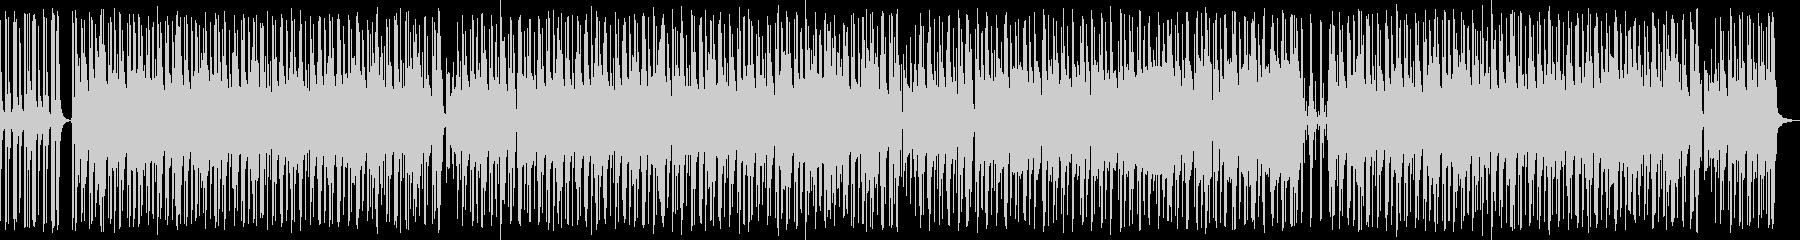 口笛とリコーダーのハイテンポで楽しい曲Lの未再生の波形